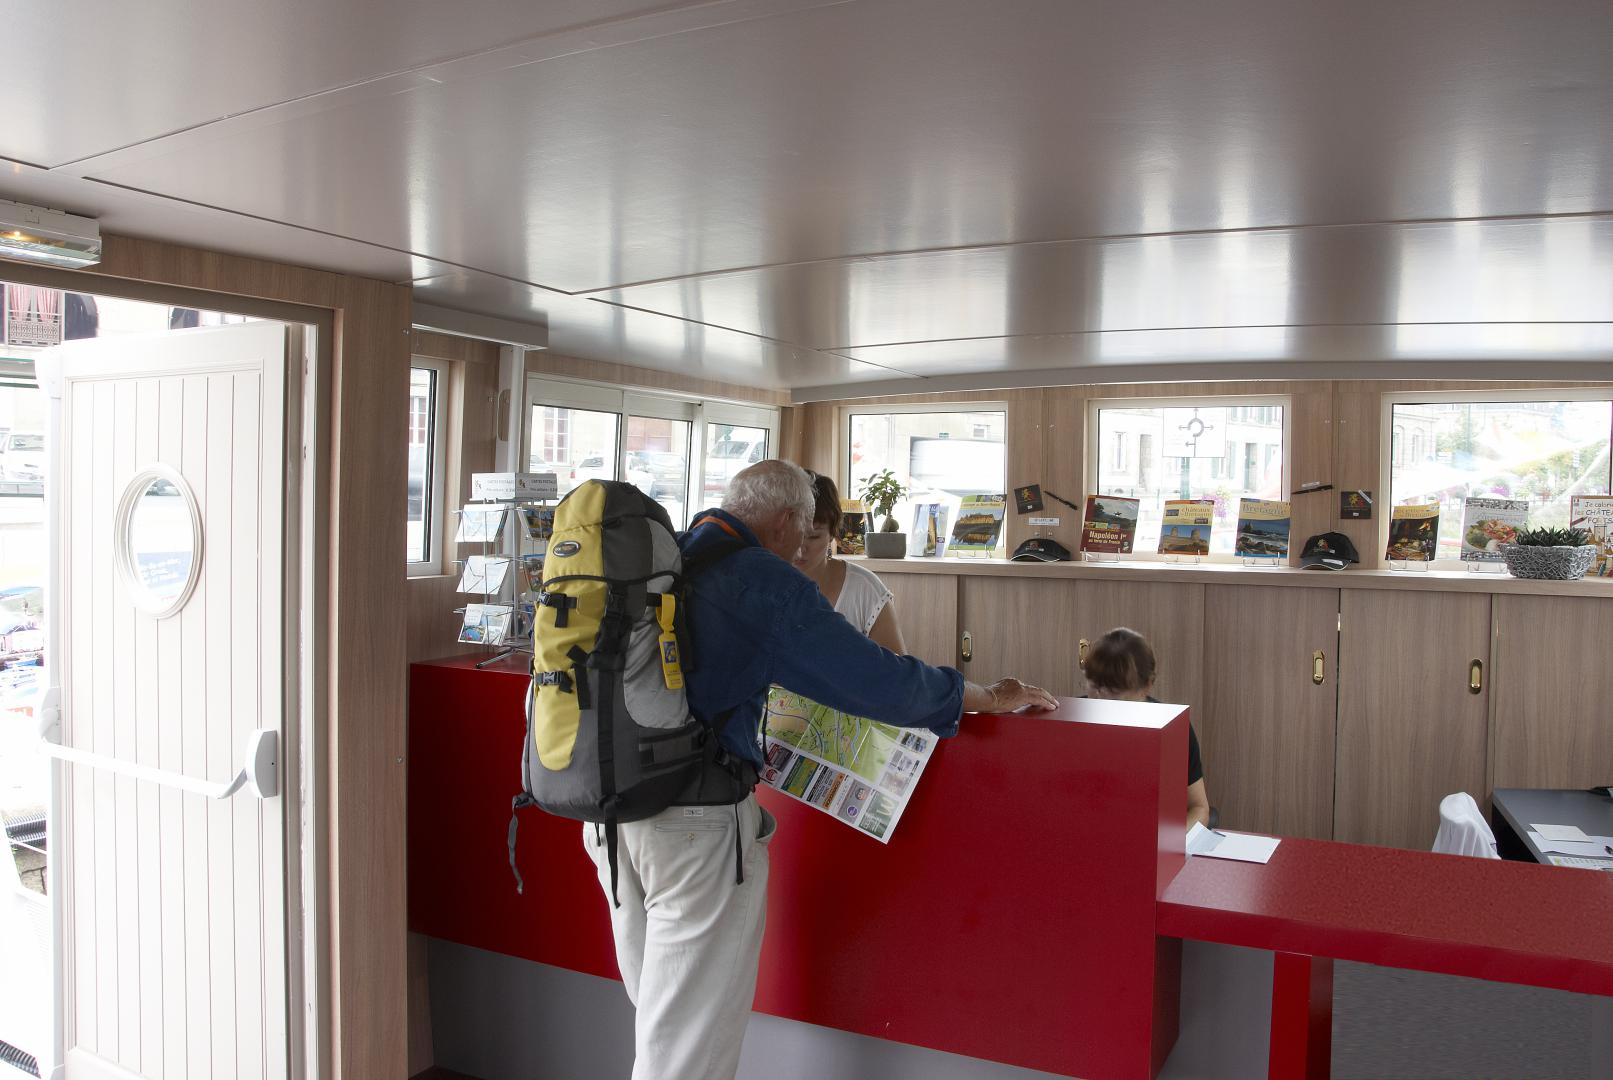 Office de tourisme r habilitation d 39 une p niche pontivy 56 atelier du lieu - Office de tourisme pontivy ...